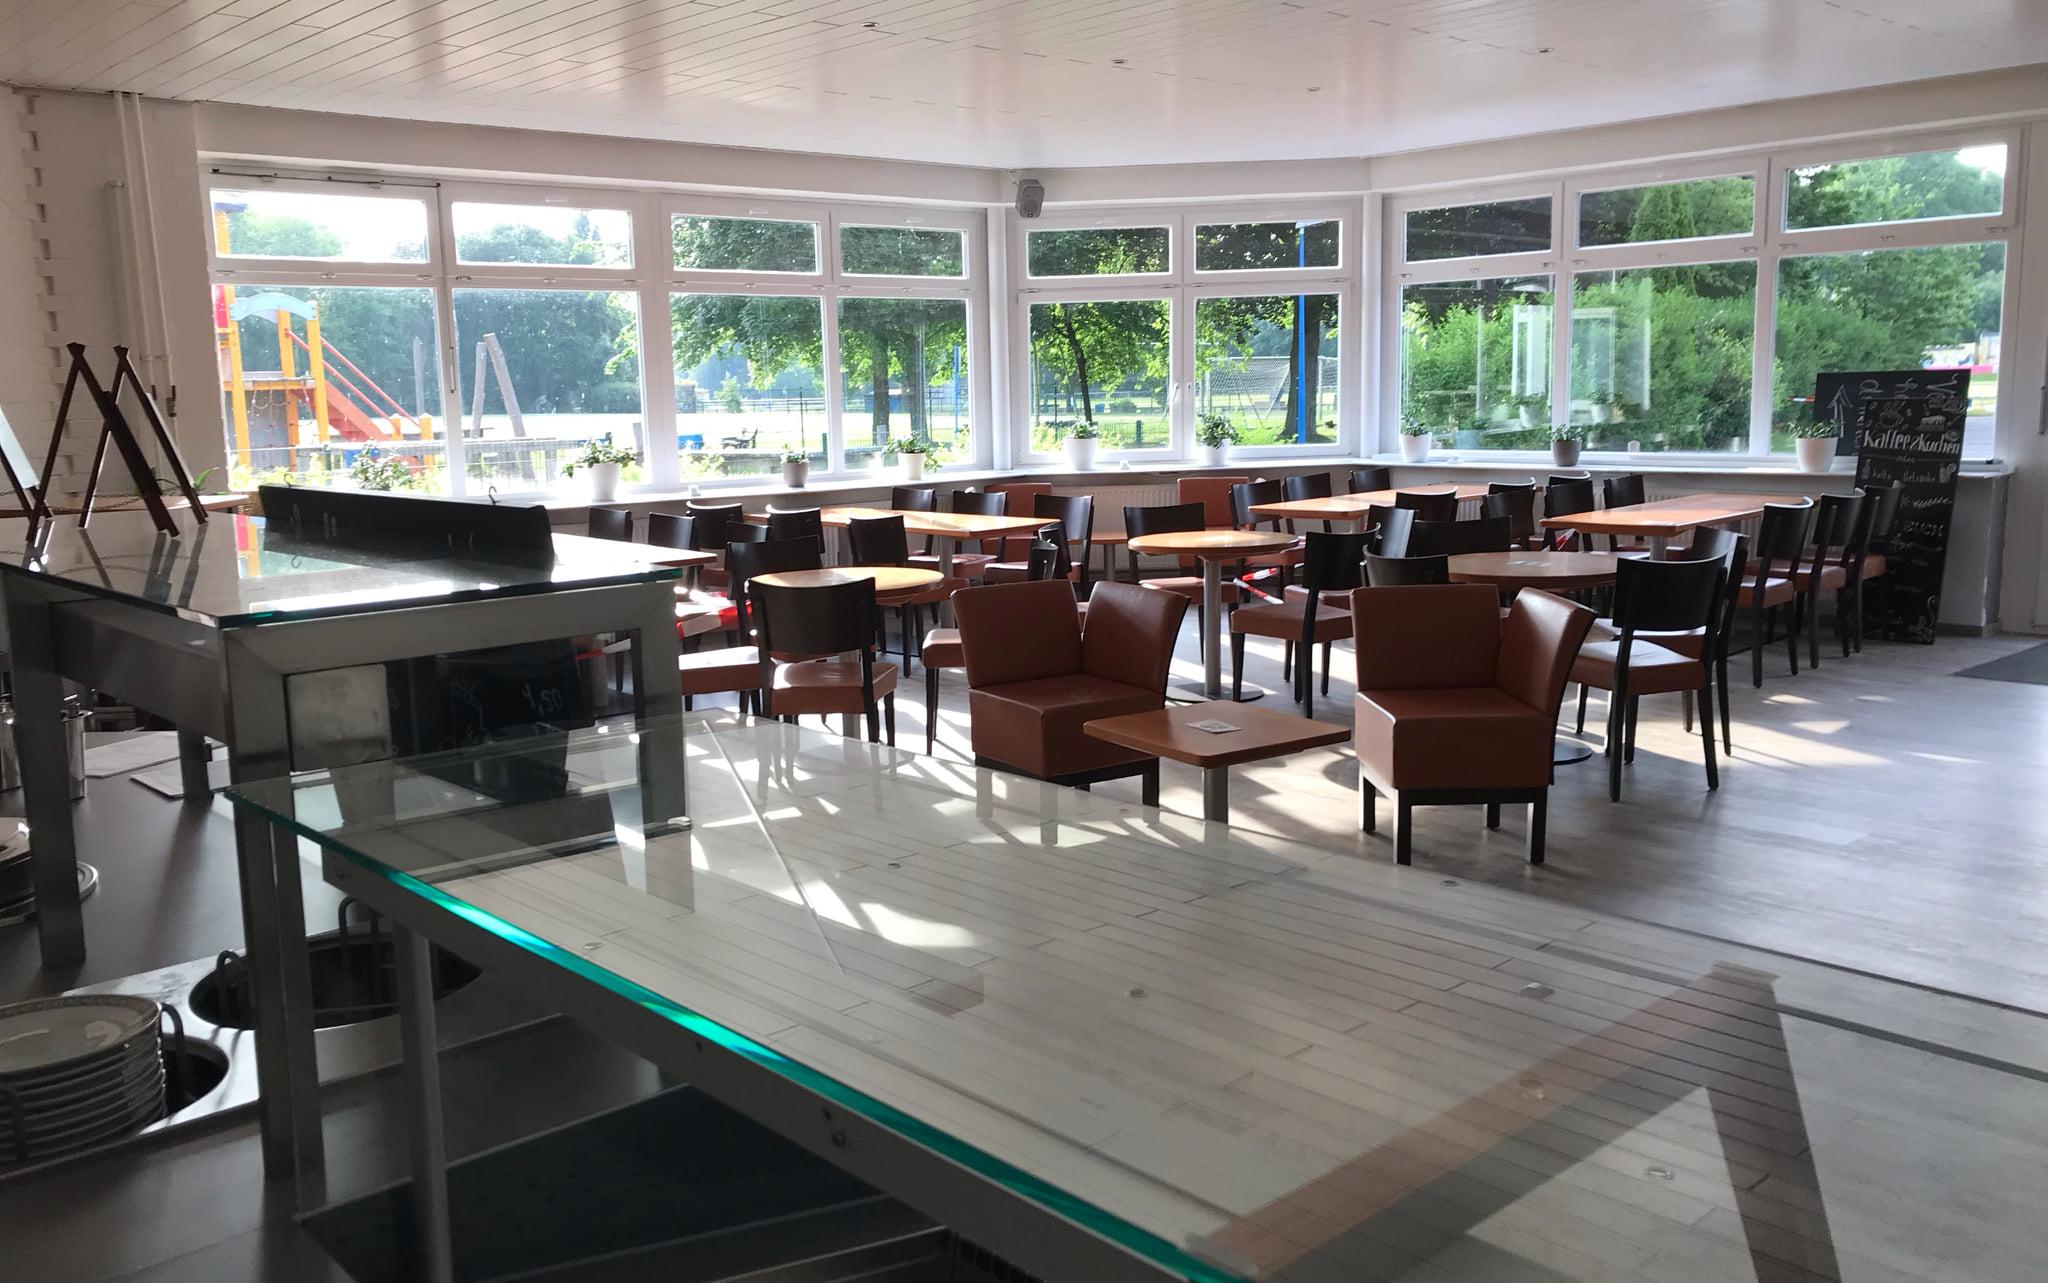 Mitarbeiter (m/w/d) für Studiocafé gesucht